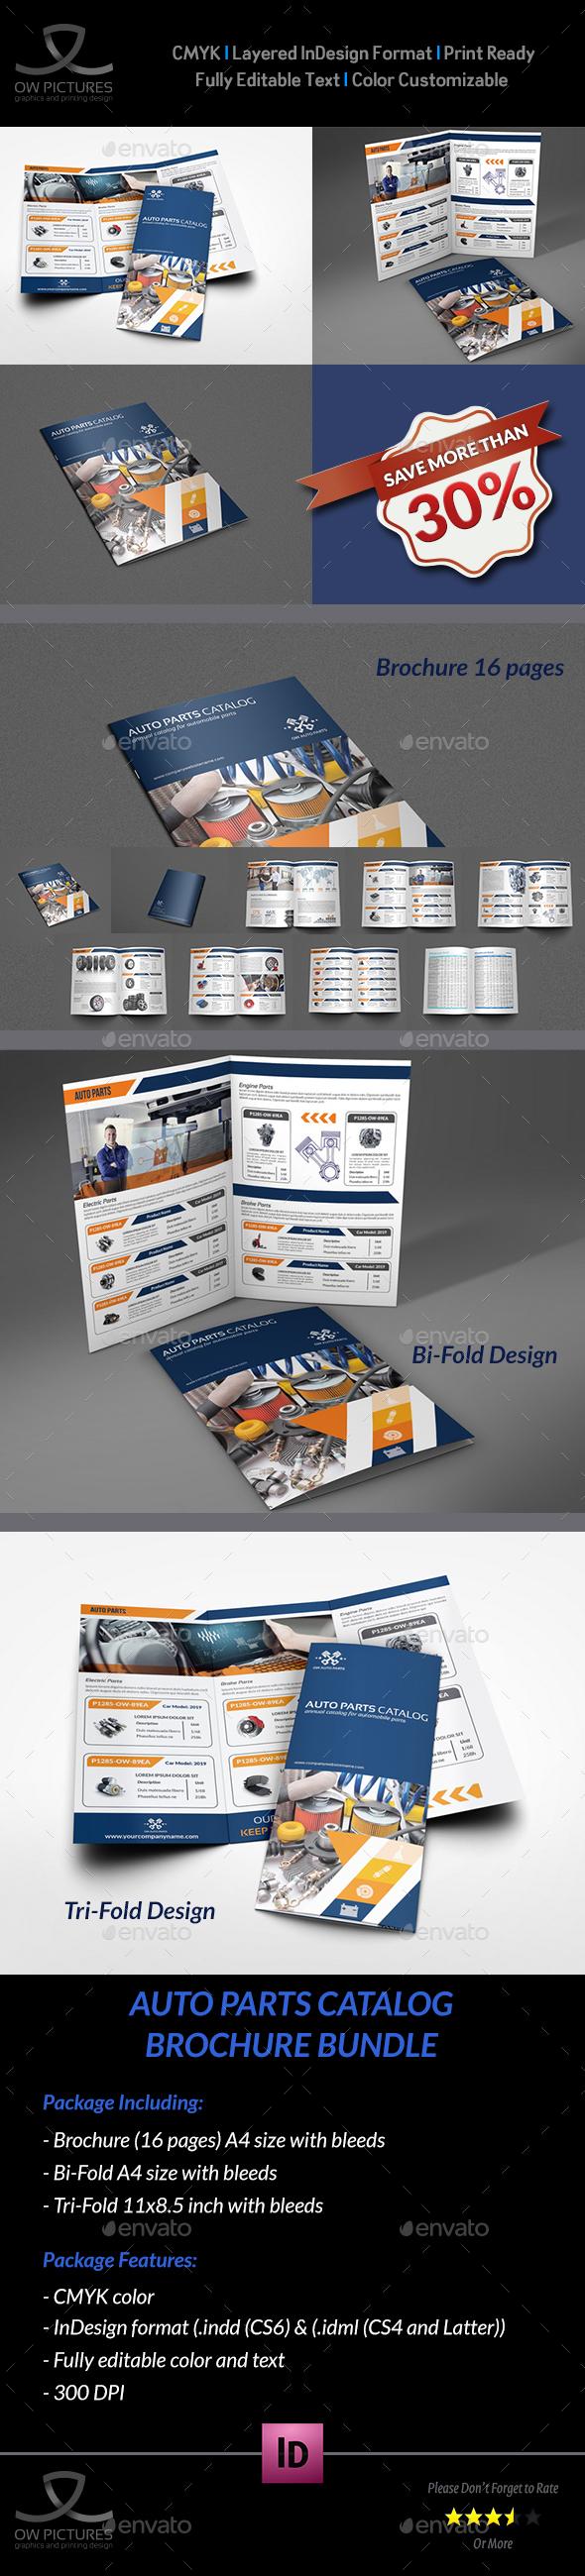 Auto Parts Catalog Brochure Bundle Template Vol.2 | Pinterest